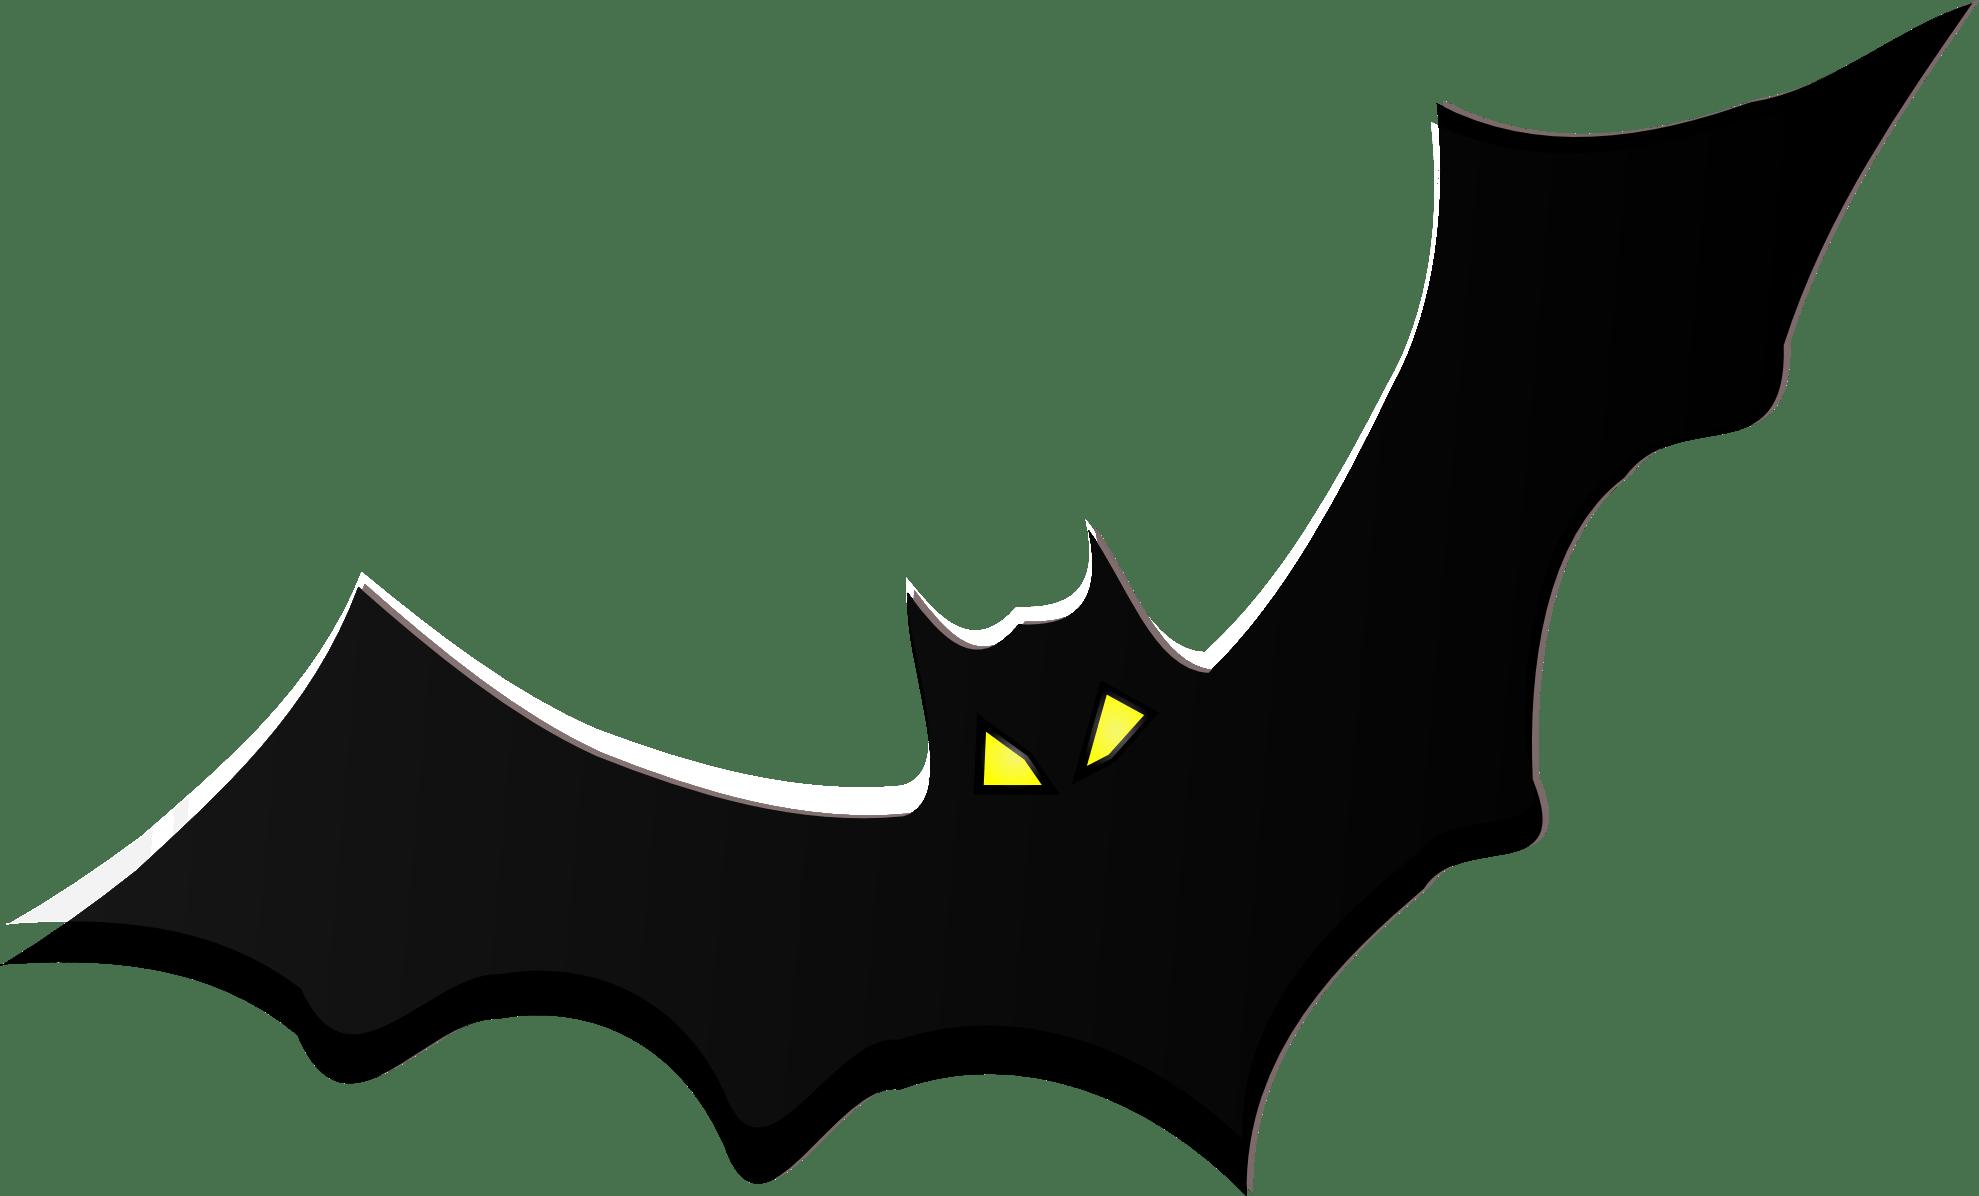 Pildiotsingu bat symbol clipart tulemus